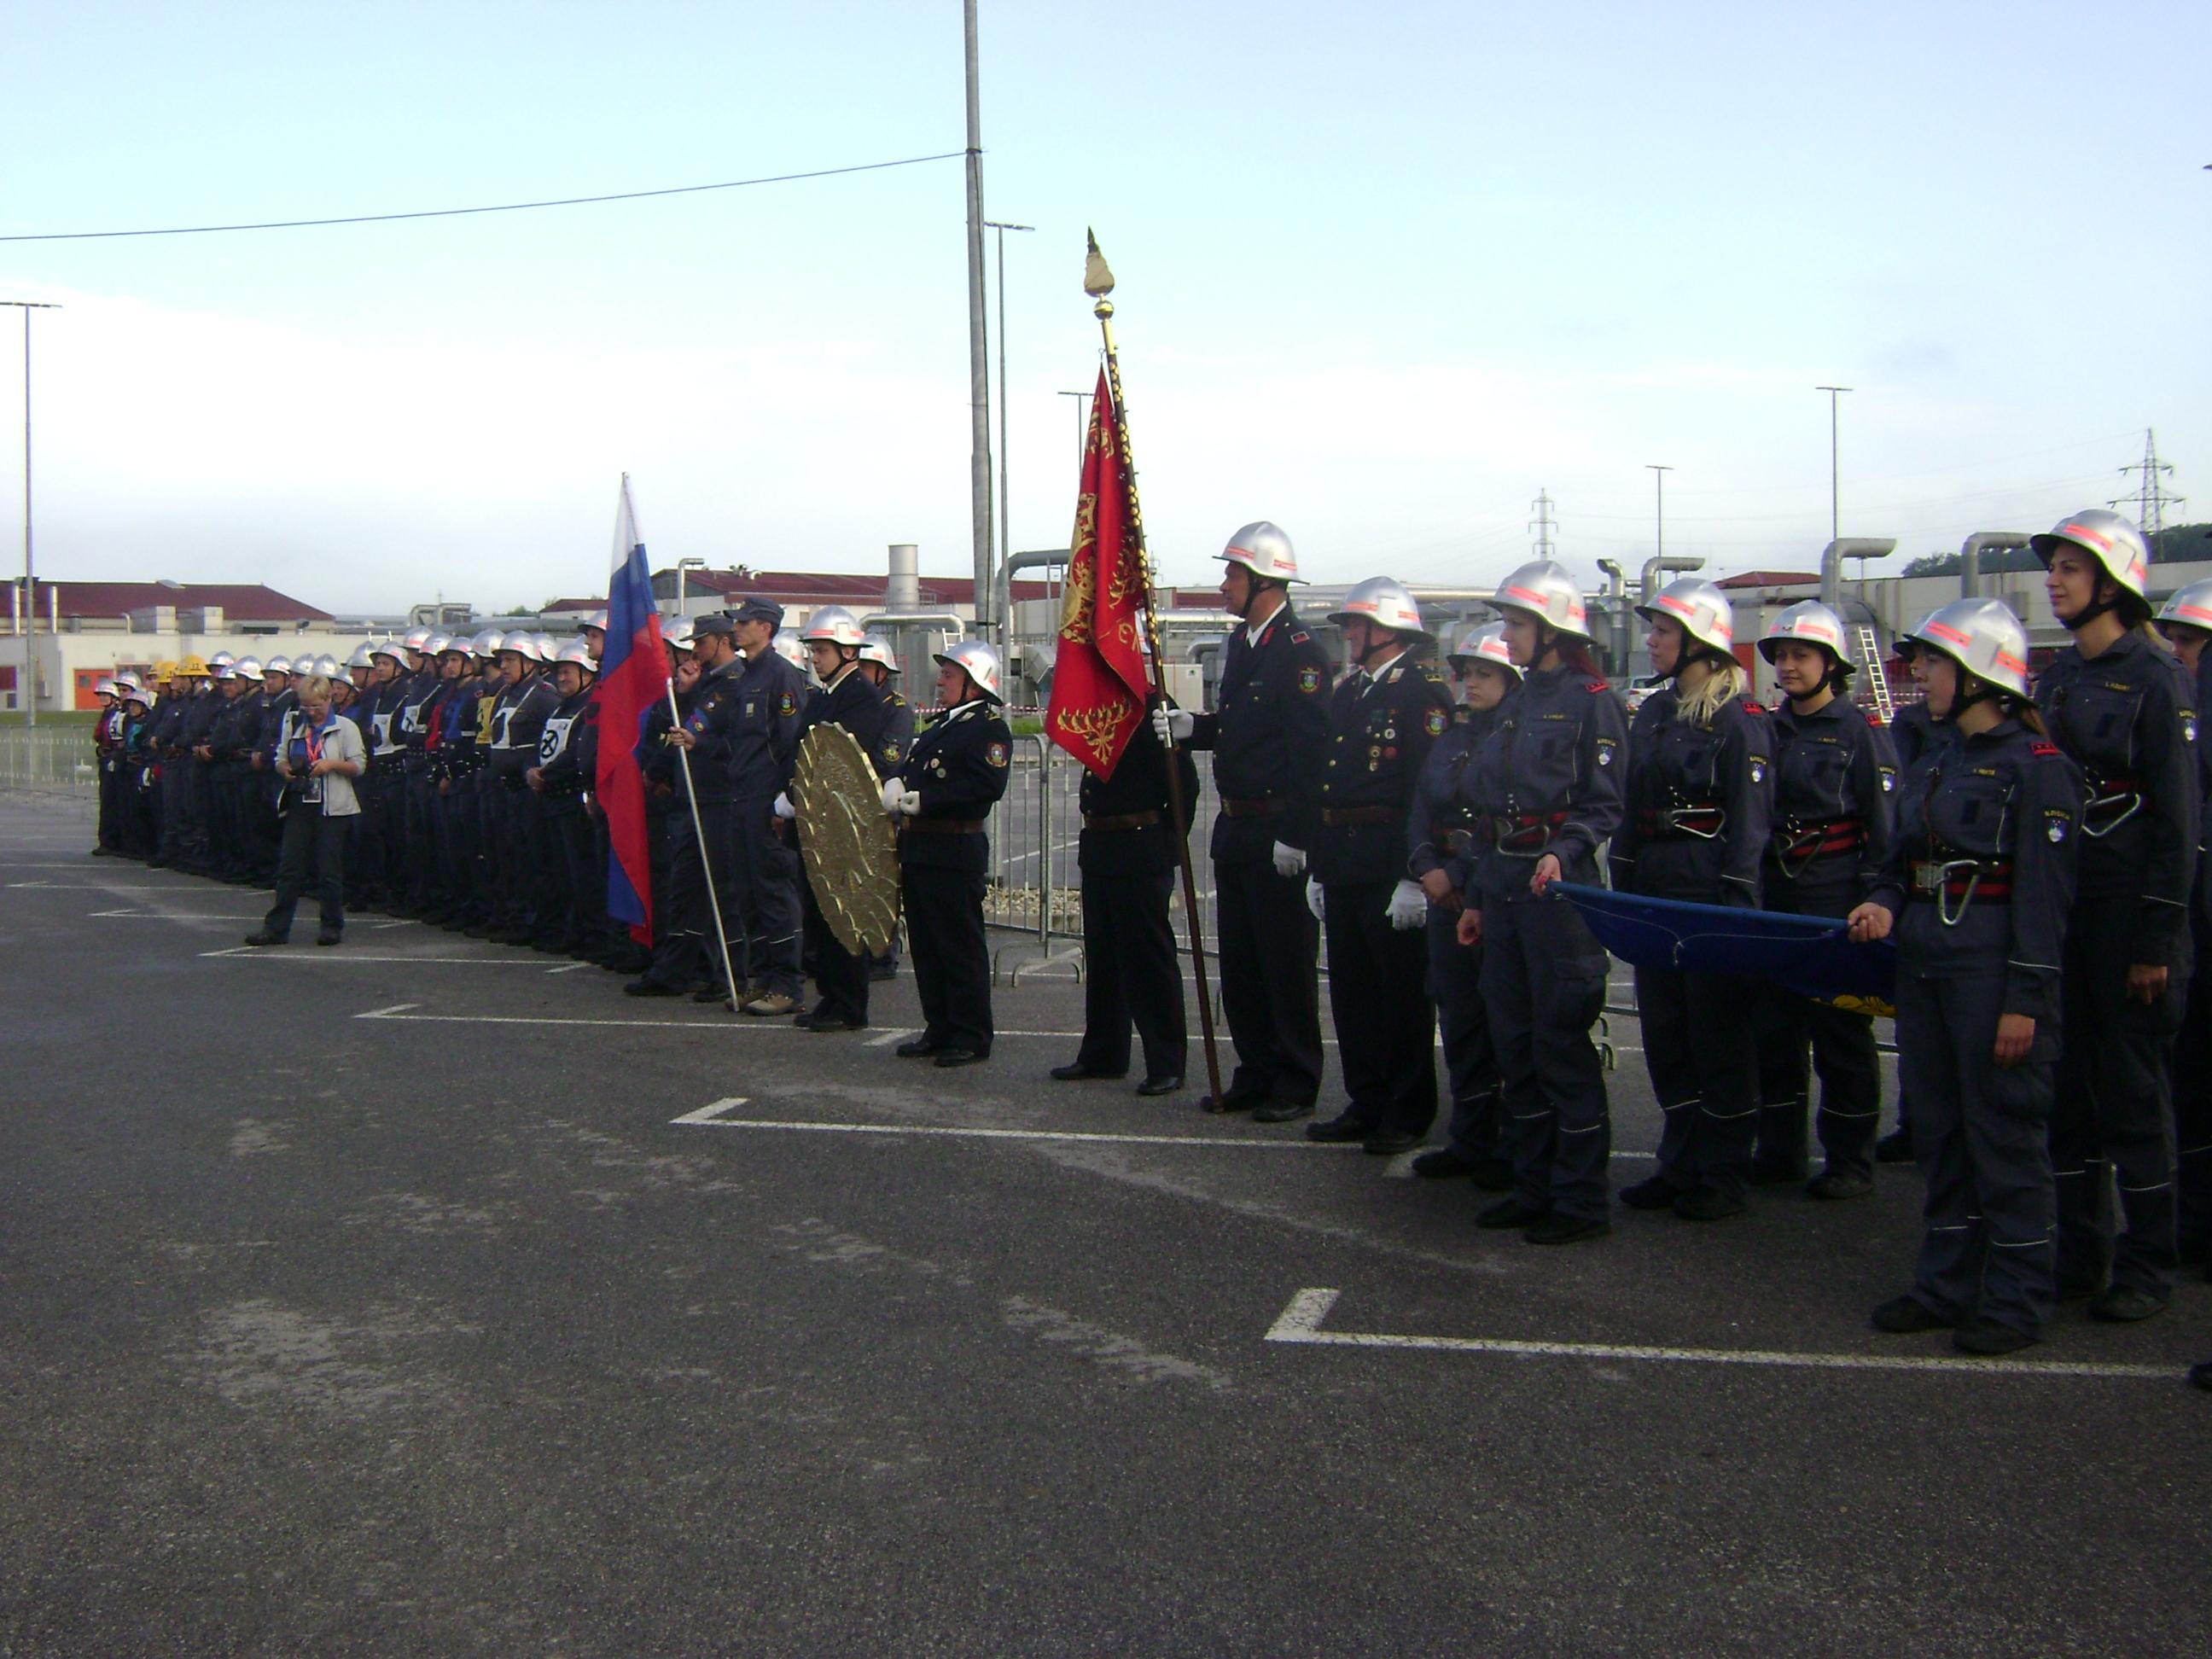 V ORMOŽU danes državno gasilsko tekmovanje za memorial Matevža Haceta